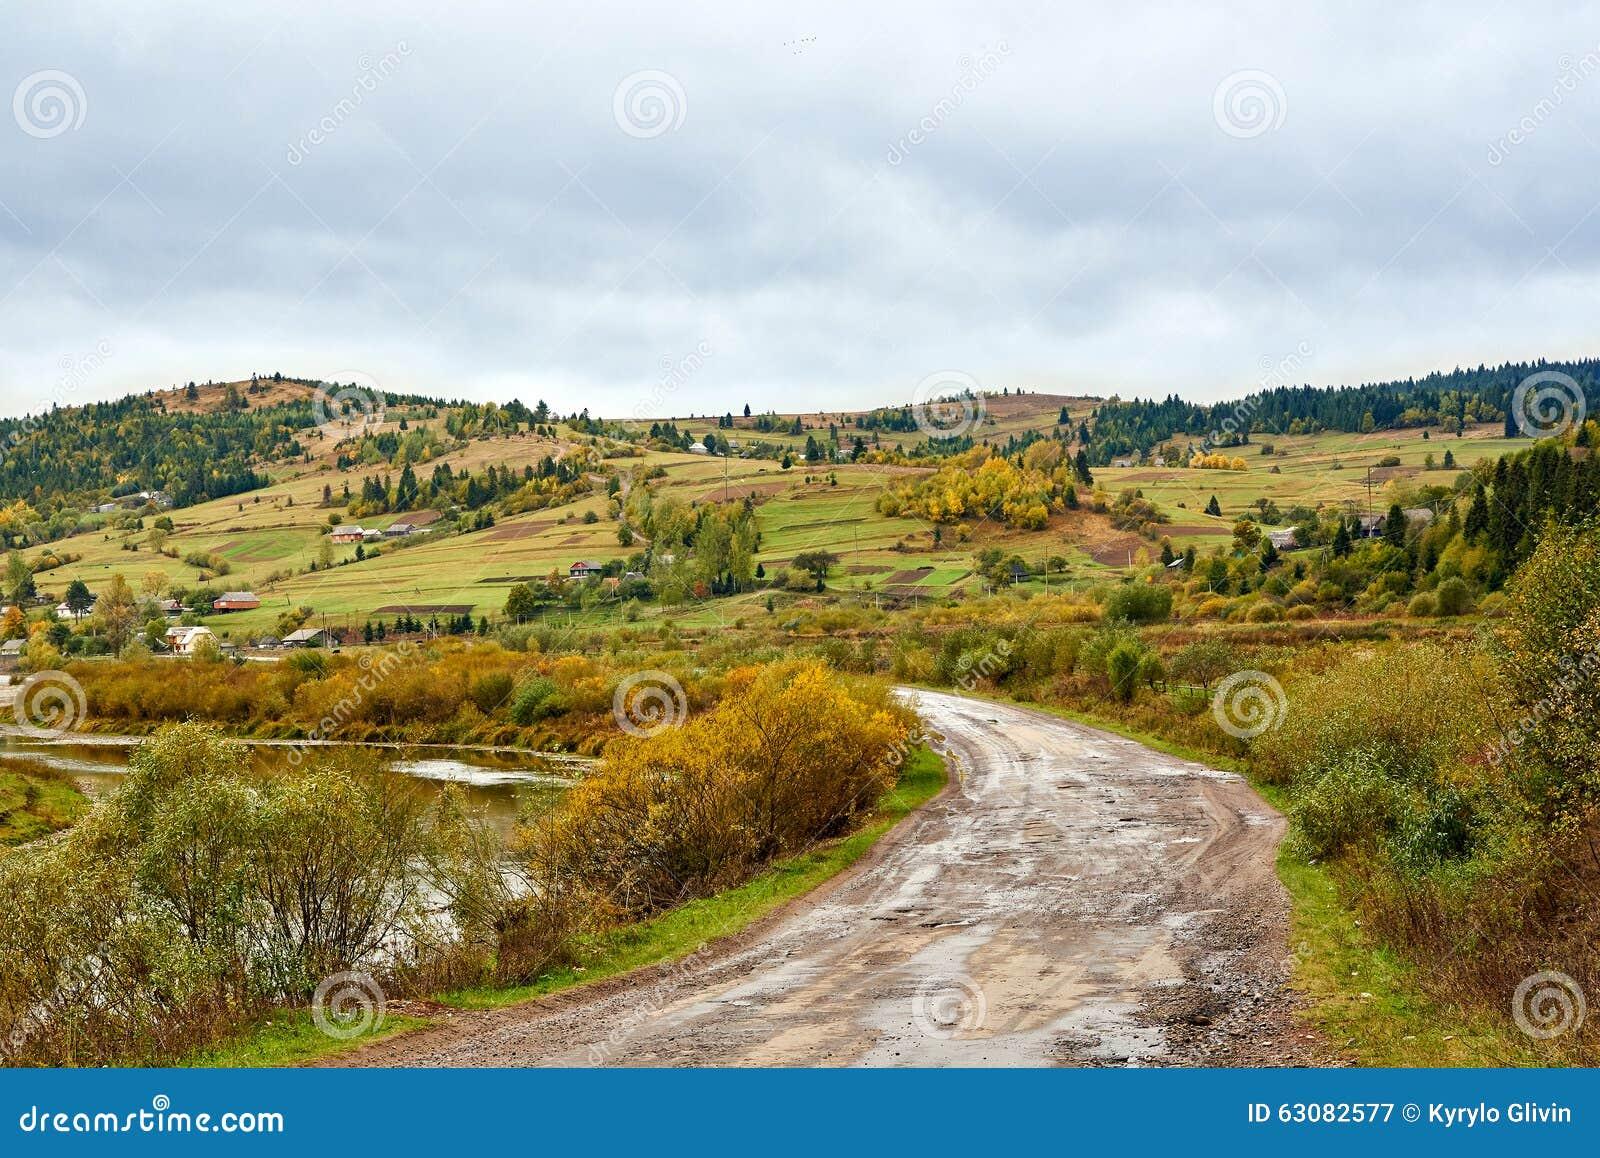 Download Paysage De Village De Pays De Montagne Avec Les Nuages Et Le Ciel Bleu Image stock - Image du ressort, été: 63082577